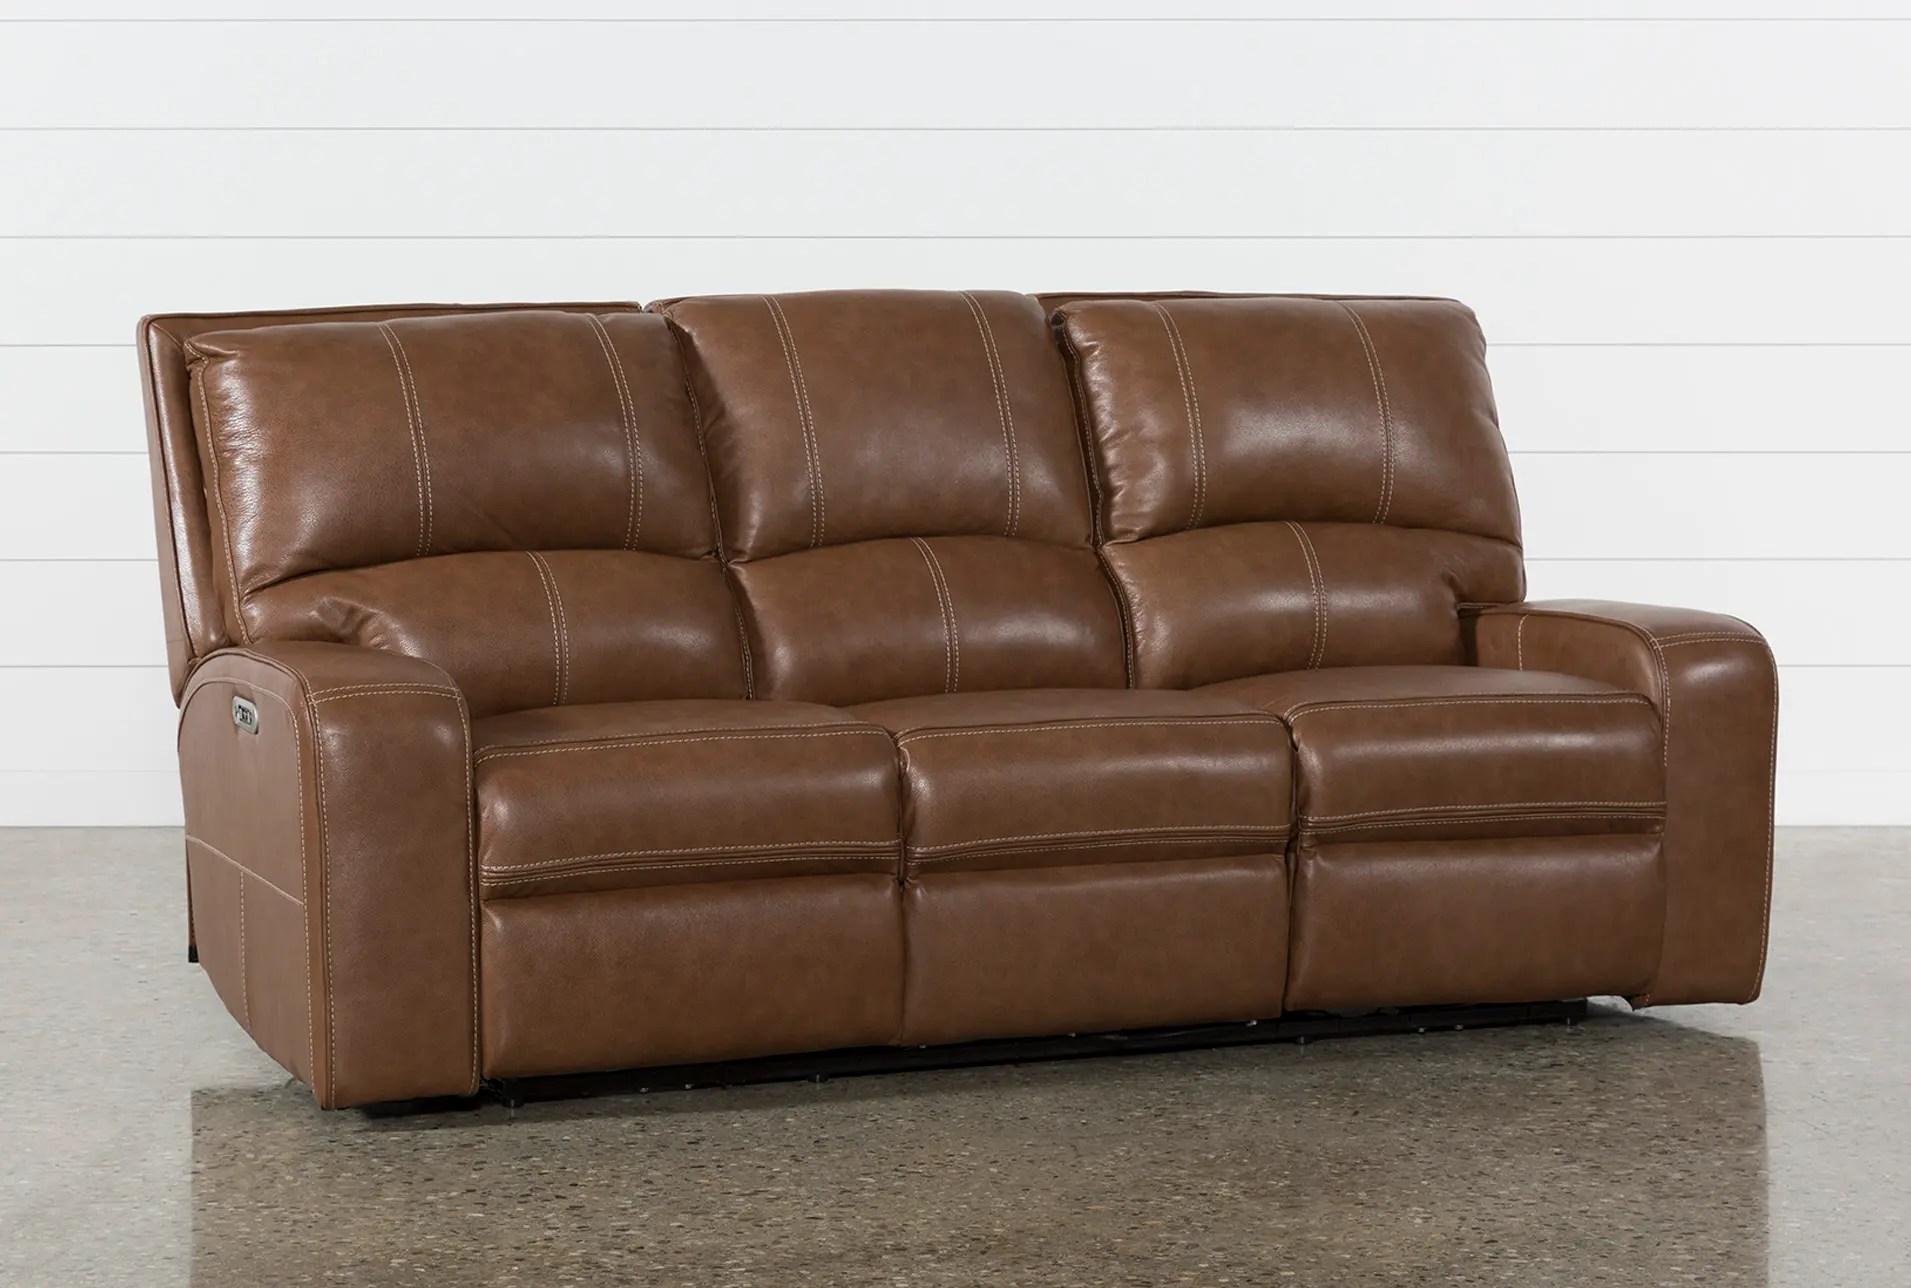 saddle soap leather sofa ikea sofas for sale perfect decorating